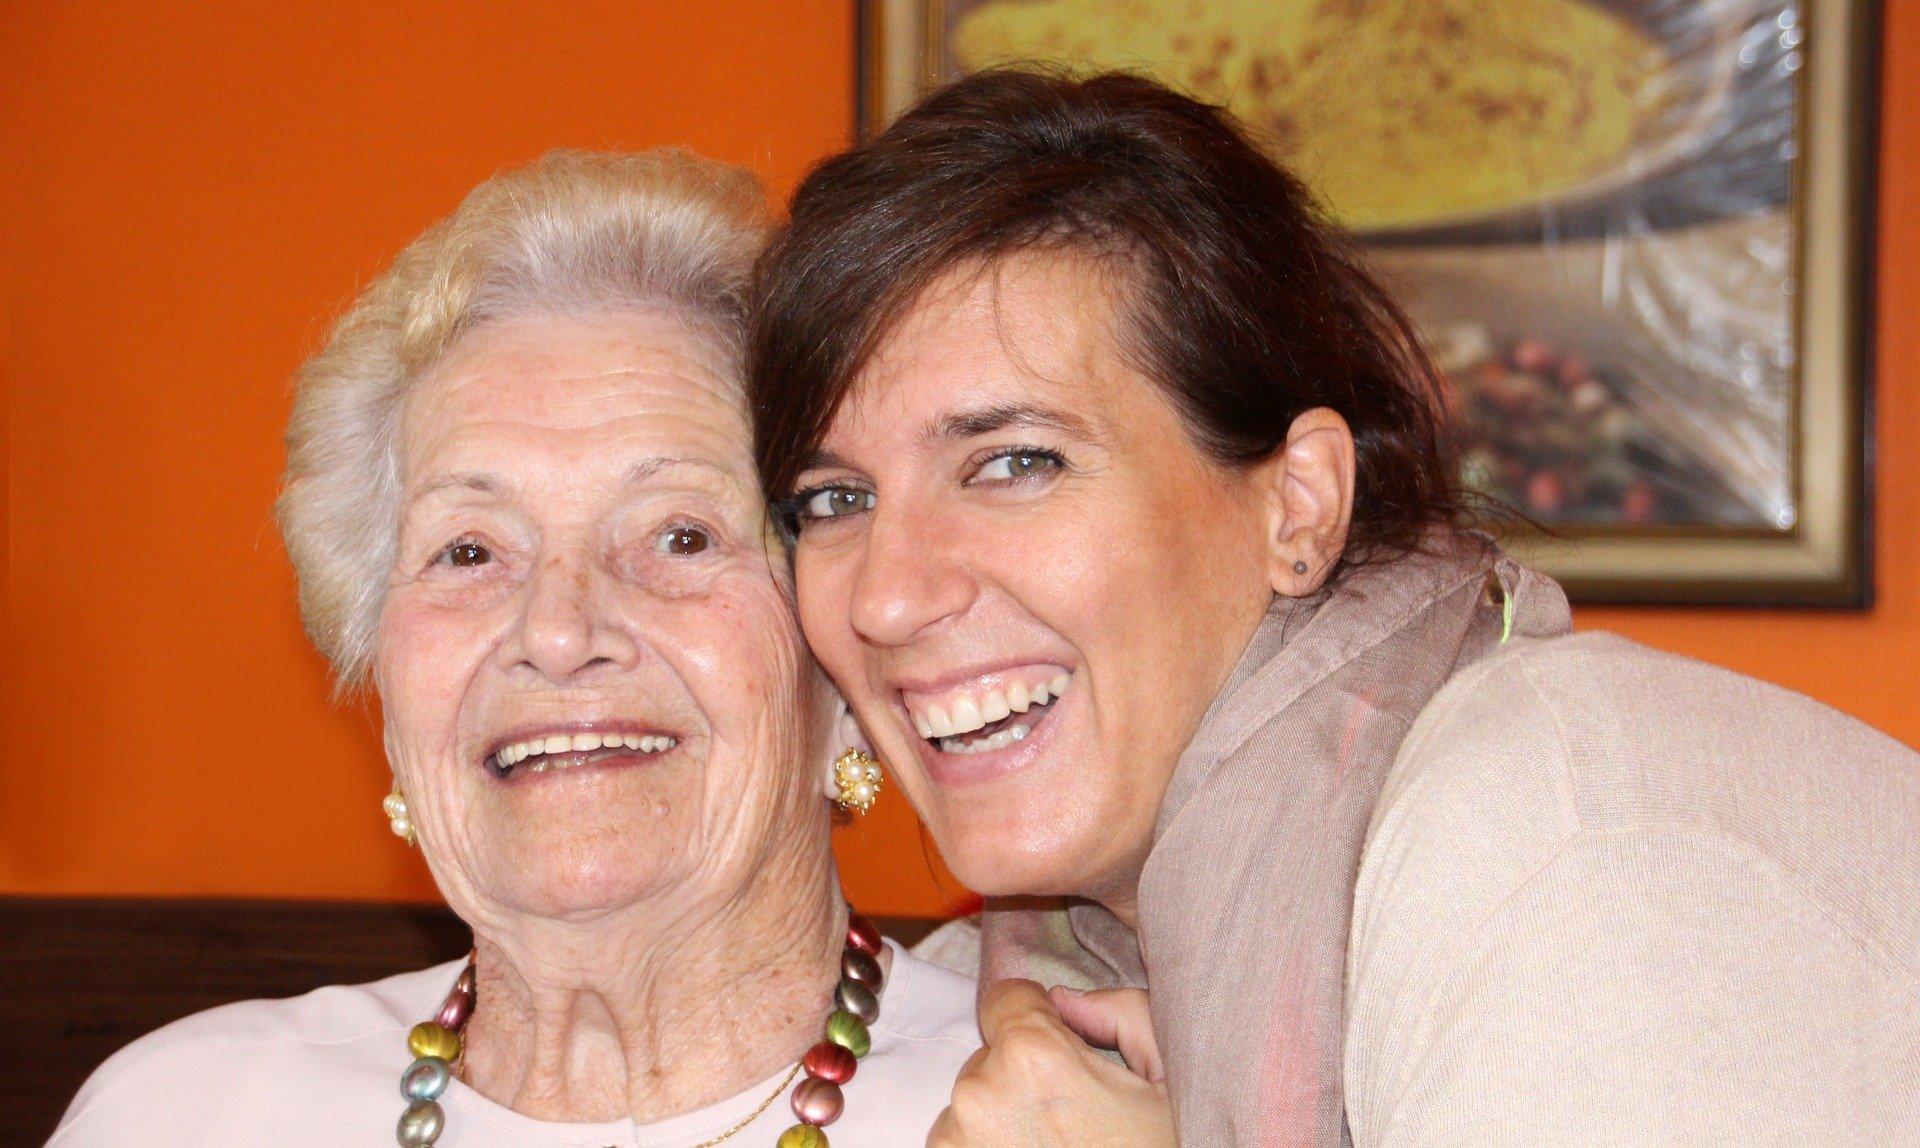 Junge Frau liegt in arm einer alten Frau und lachen glücklich